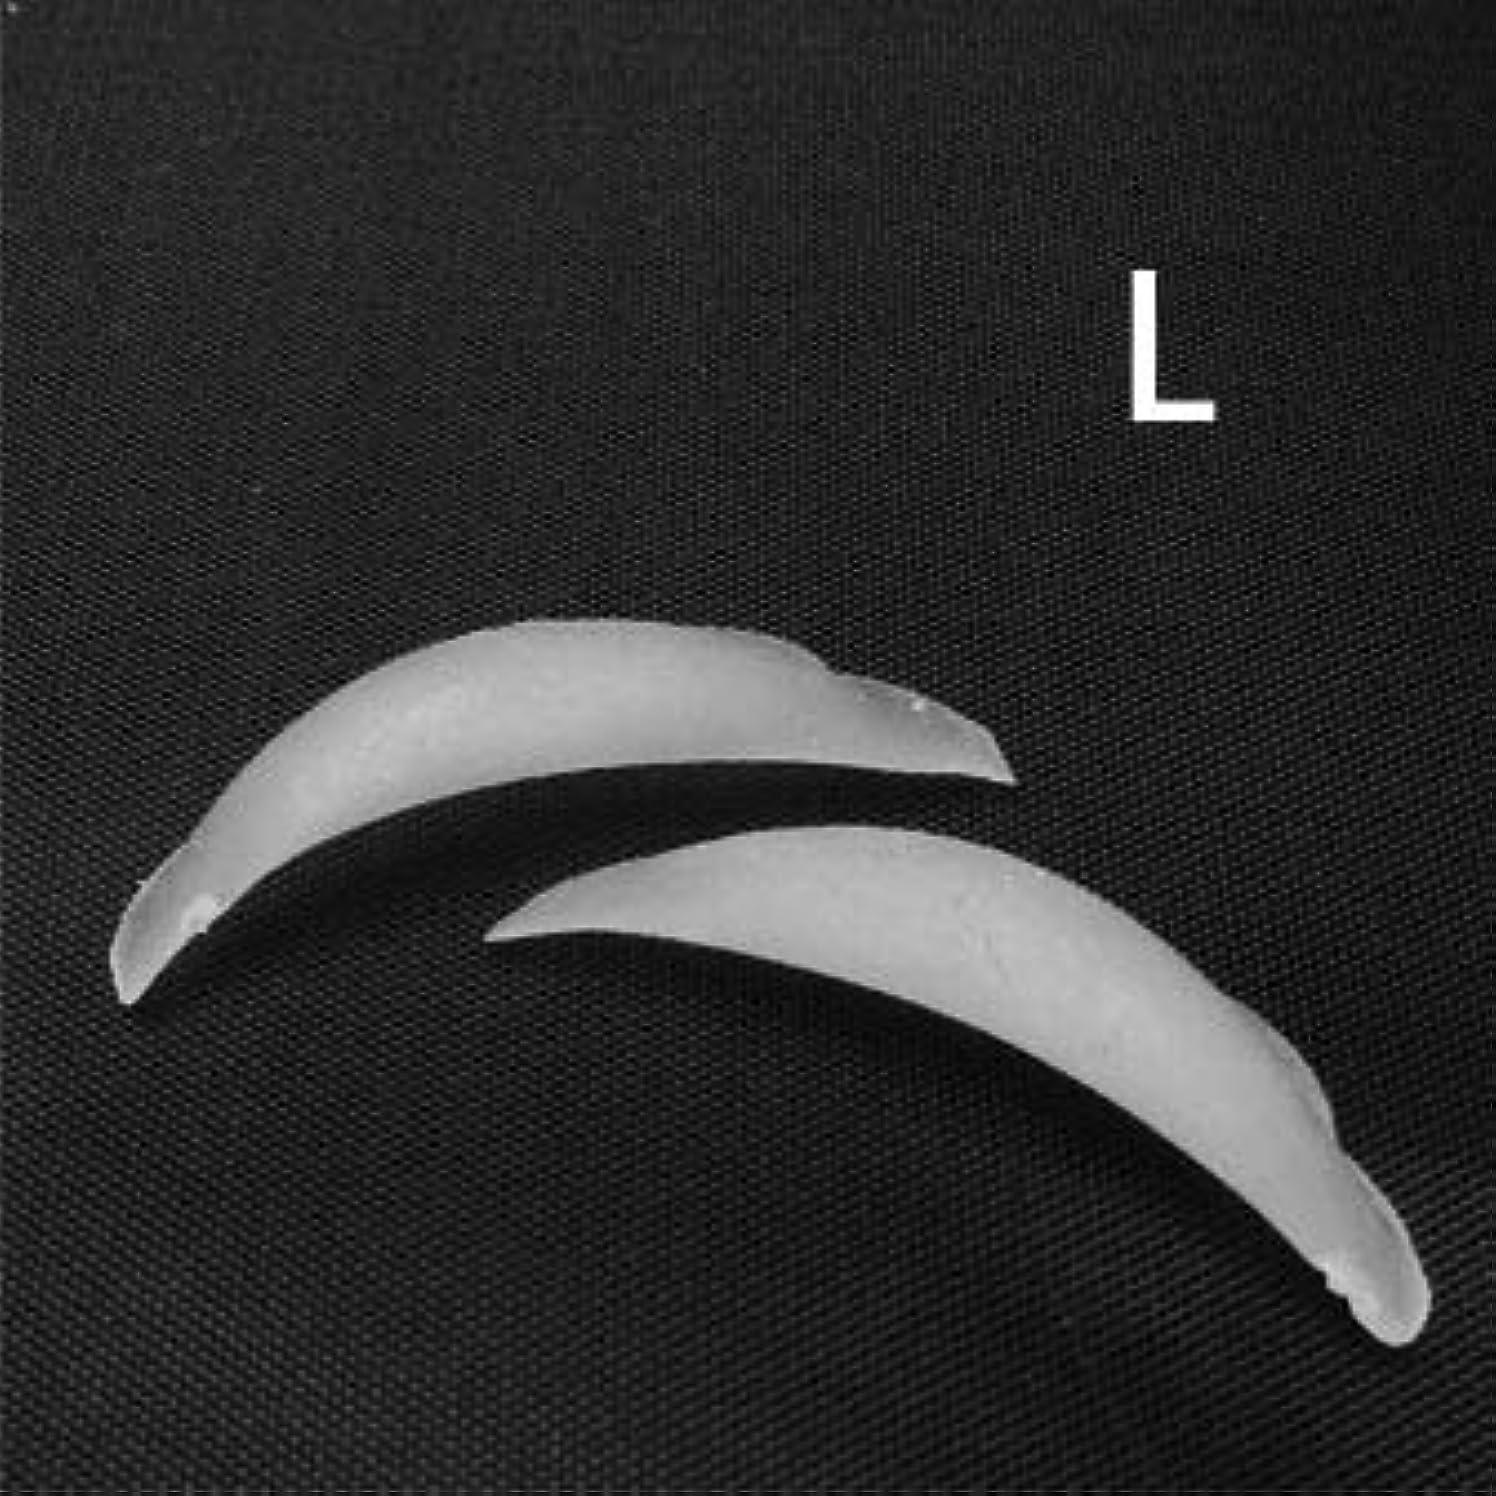 評価するドック平和的【Aタイプ】シリコンロット 【まつげカール】 (Lサイズ)